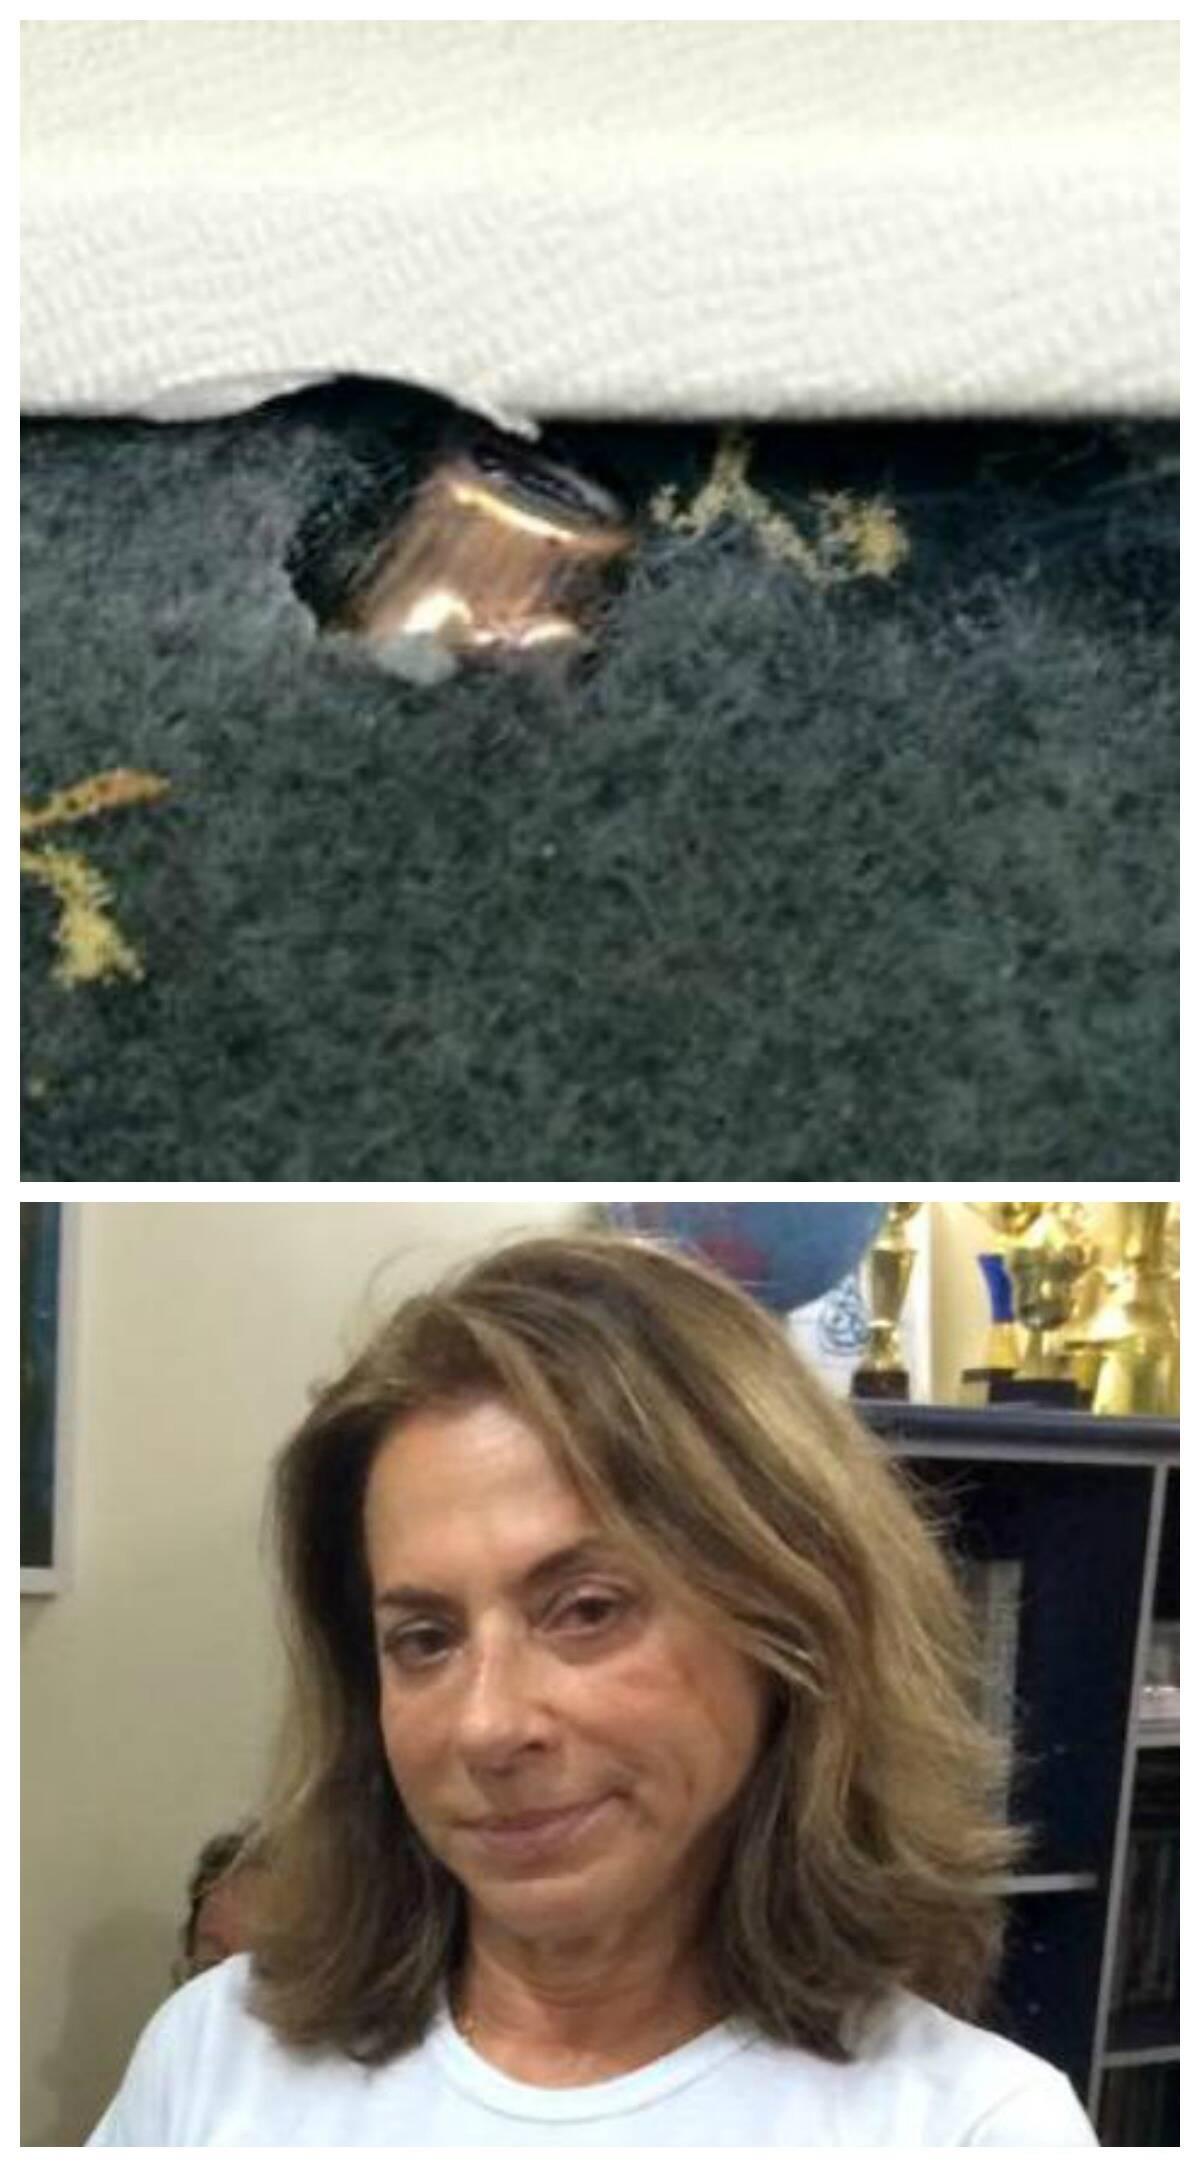 No alto, Porta do carro de professora do Projeto Uerê foi atravessada por uma bala durante o tiroteio na manhã desta quinta-feira; acima, a educadora Yvonne Beerra de Mello/ Foto: reprodução do Facebook